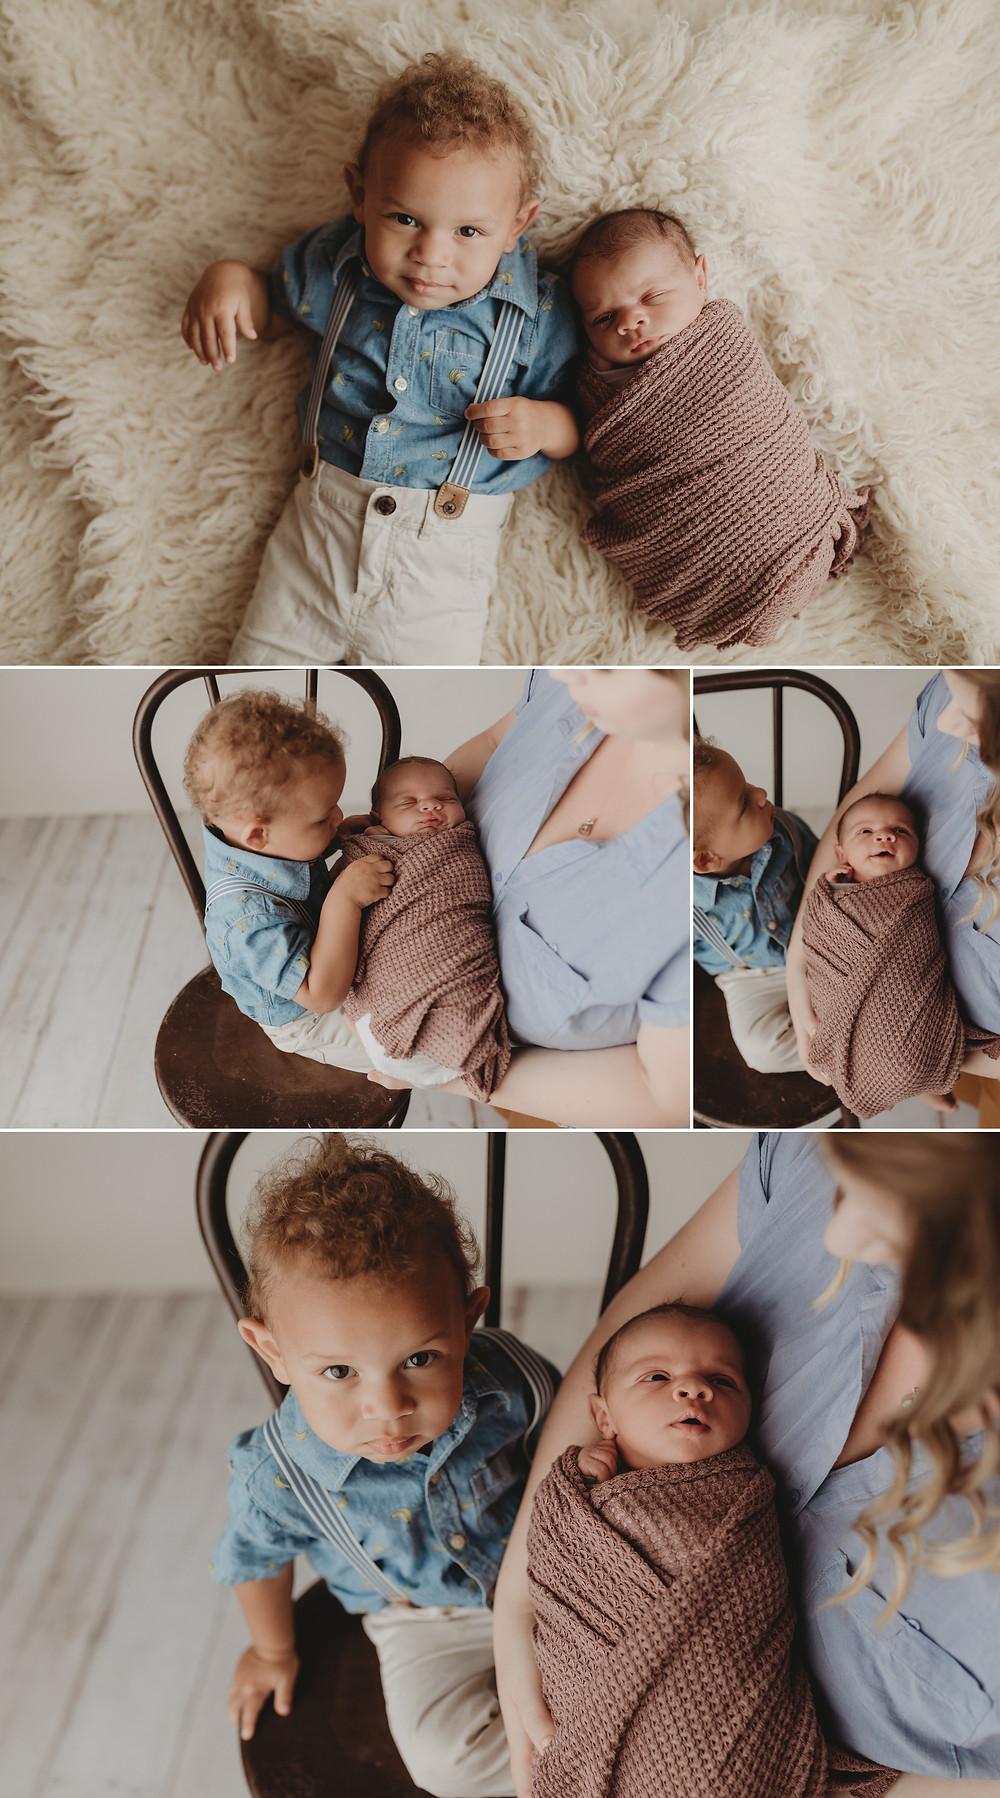 Newborn baby and siblings